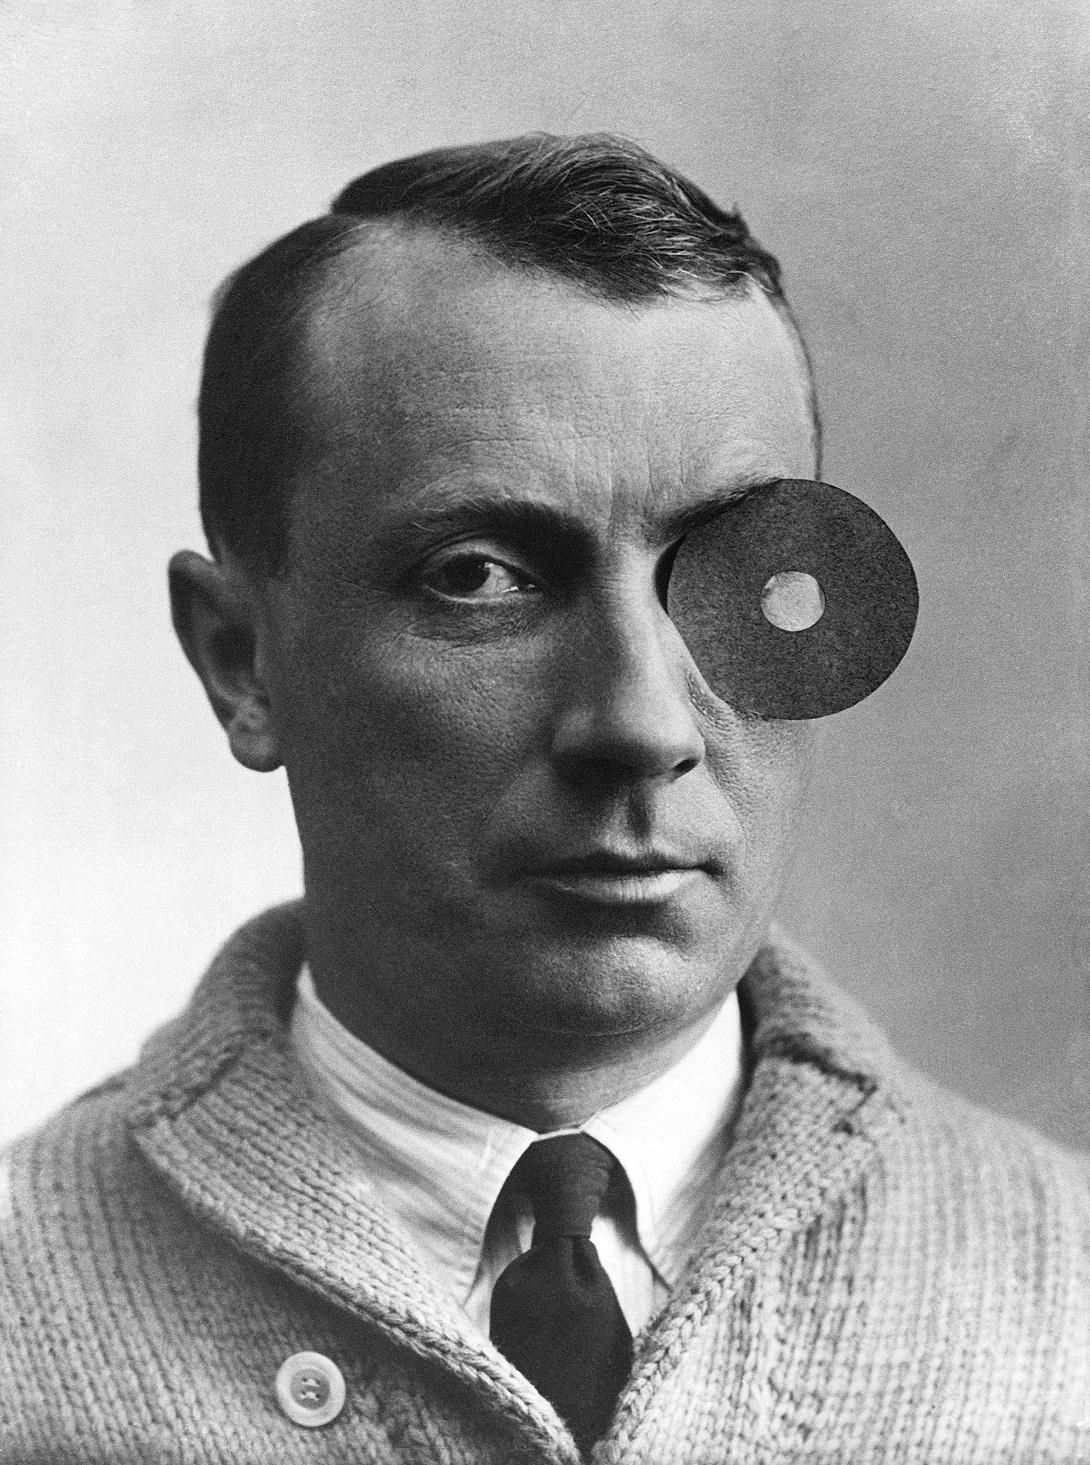 Portrait of Arp, ca. 1926 Courtesy Stiftung Arp e.V., Berlin/Rolandswerth